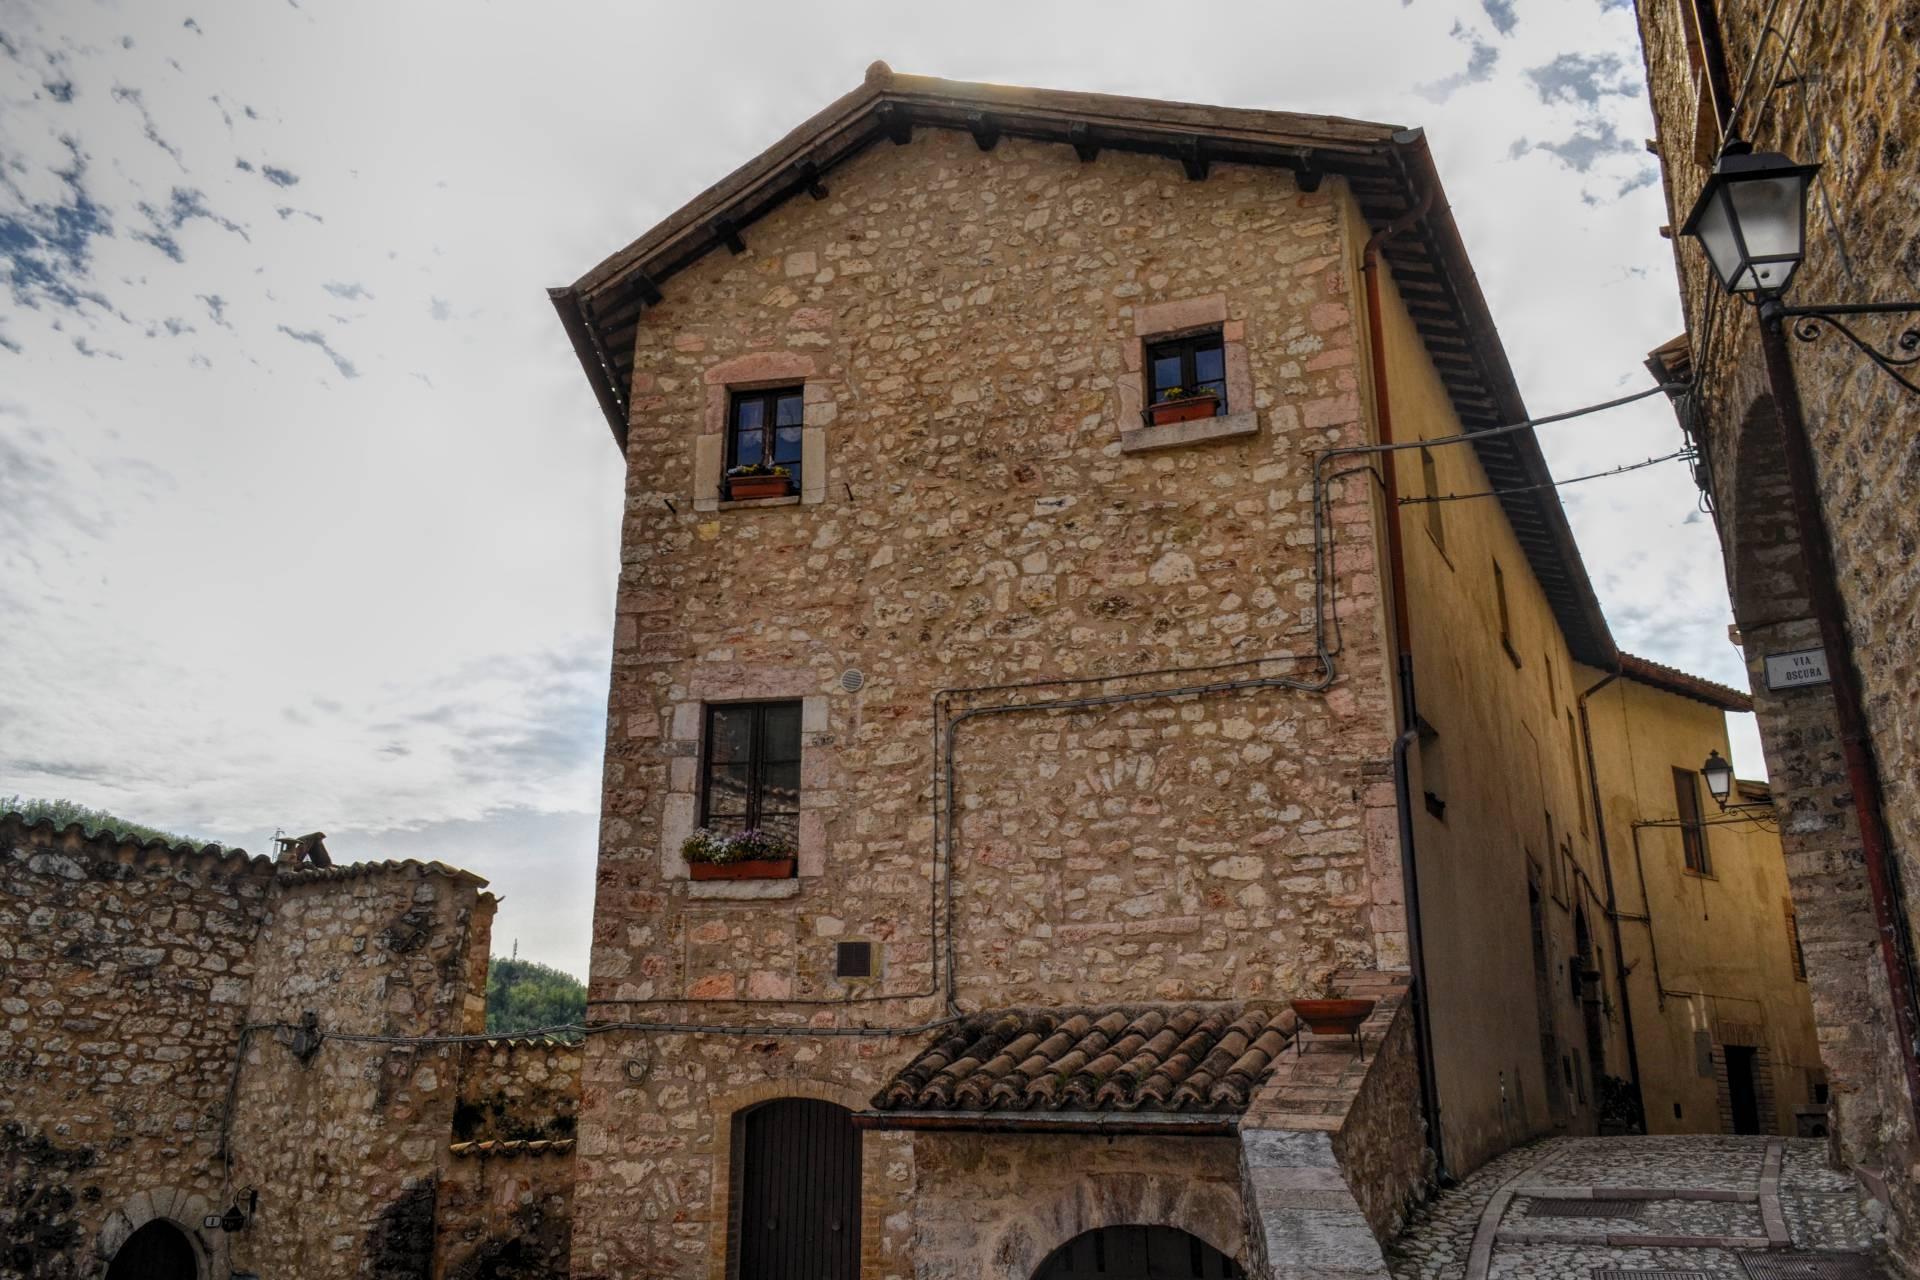 Appartamento in vendita a Vallo di Nera, 4 locali, zona Località: VallodiNera, prezzo € 65.000   CambioCasa.it